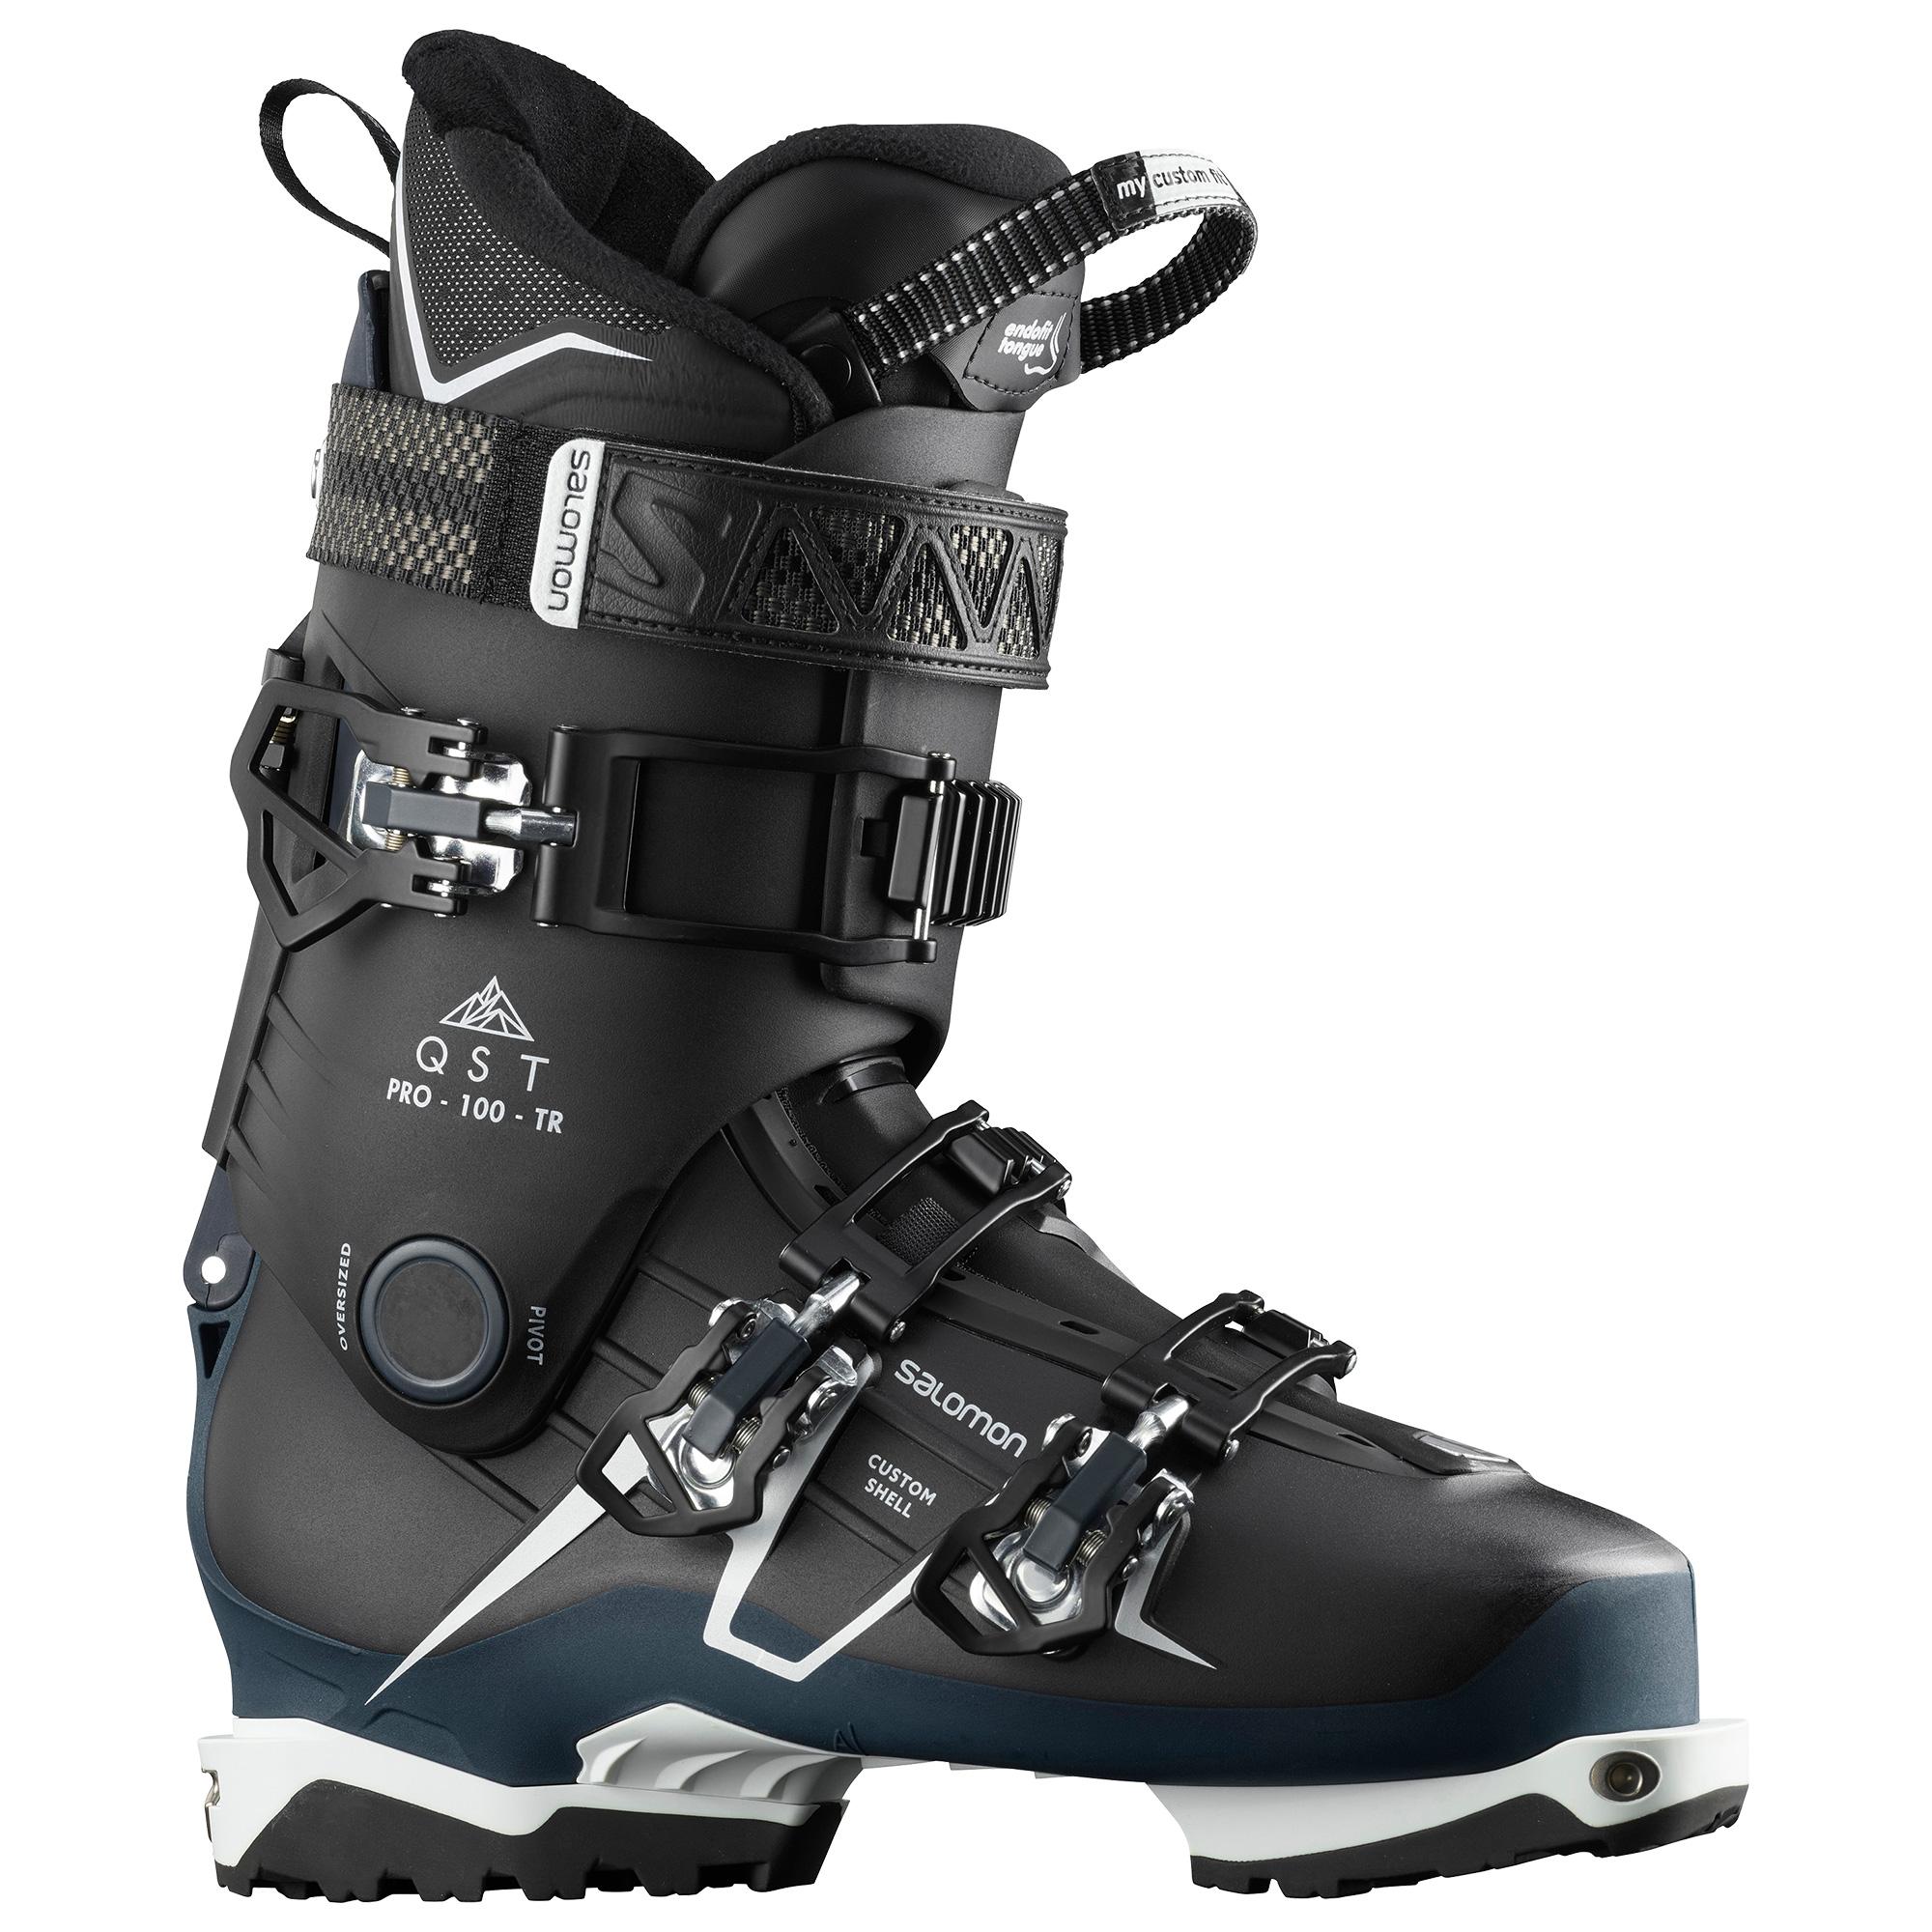 Buty narciarskie Salomon Narciarski Sklep Internetowy